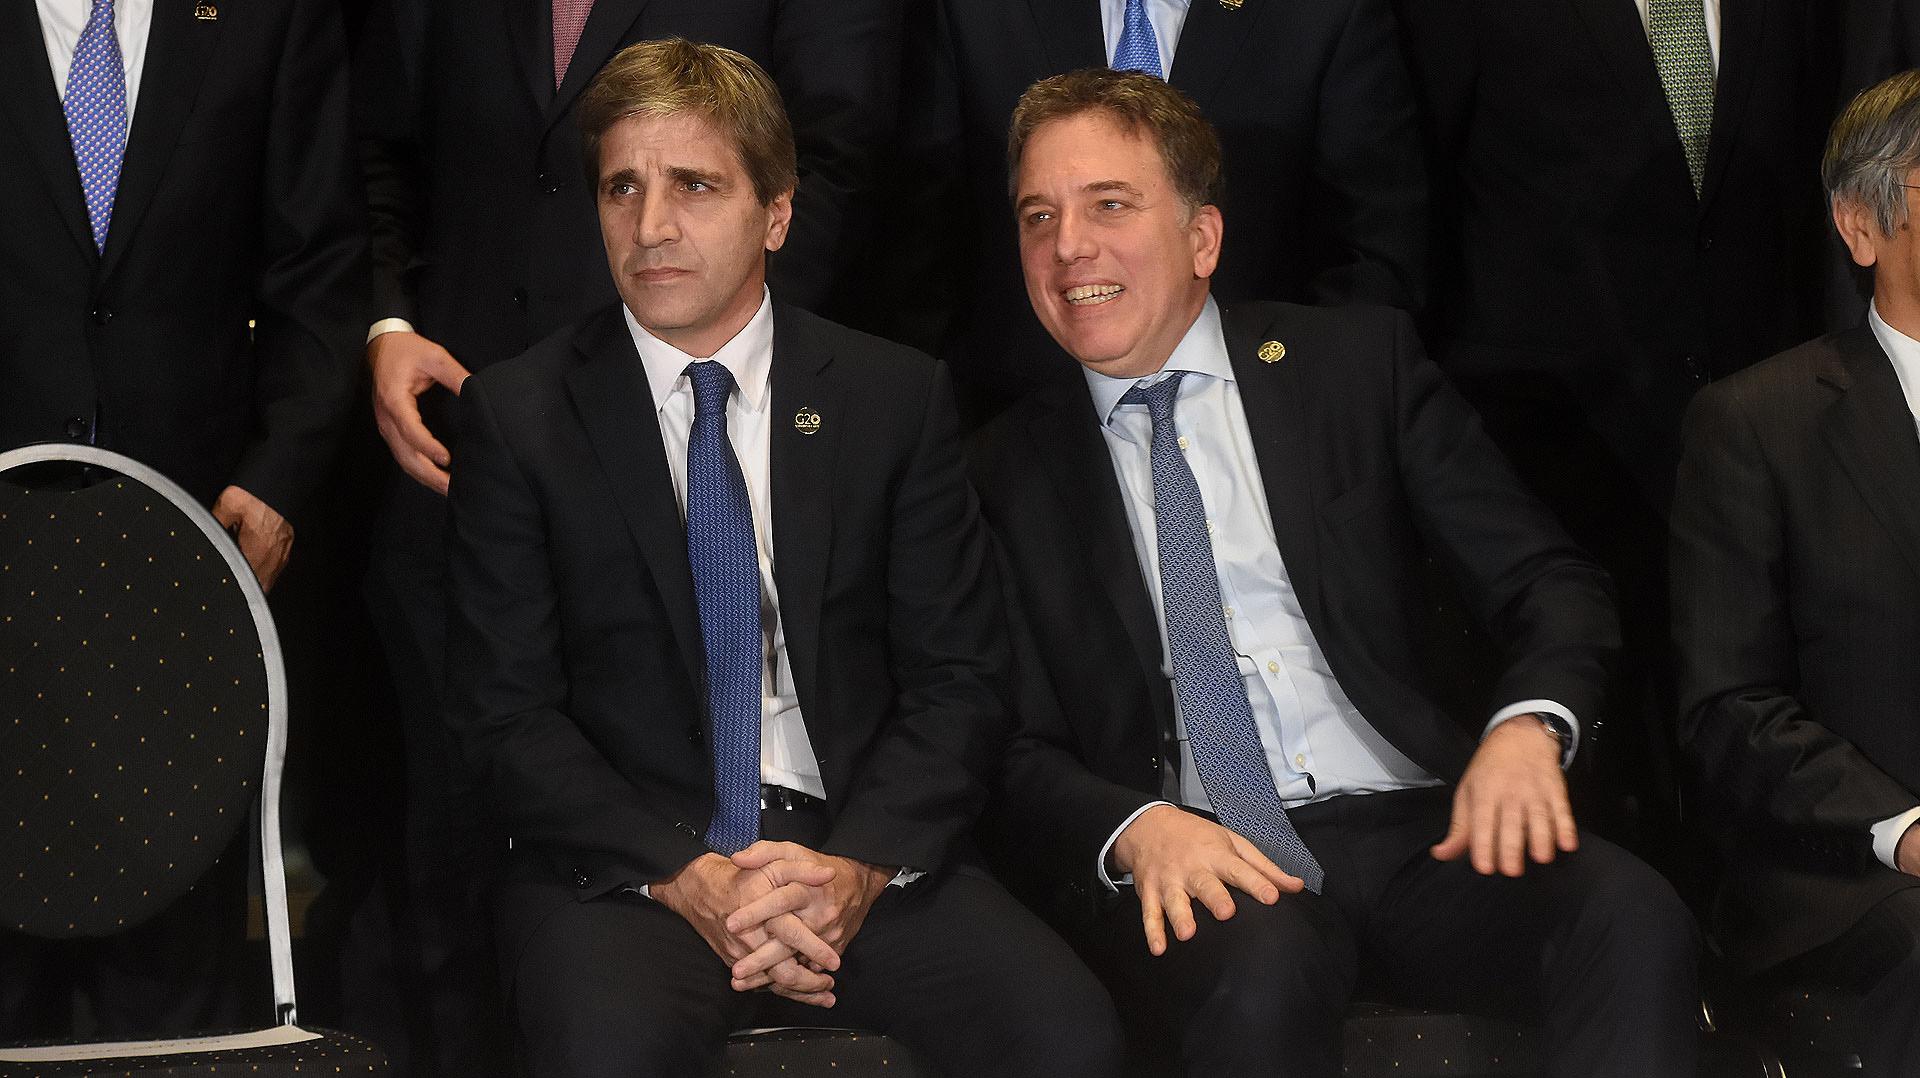 Luis Caputo y Nicolás Dujovne en la reunión de ministros de Economía y presidentes del bancos centrales del G20 (Foto: Nicolás Stulberg)